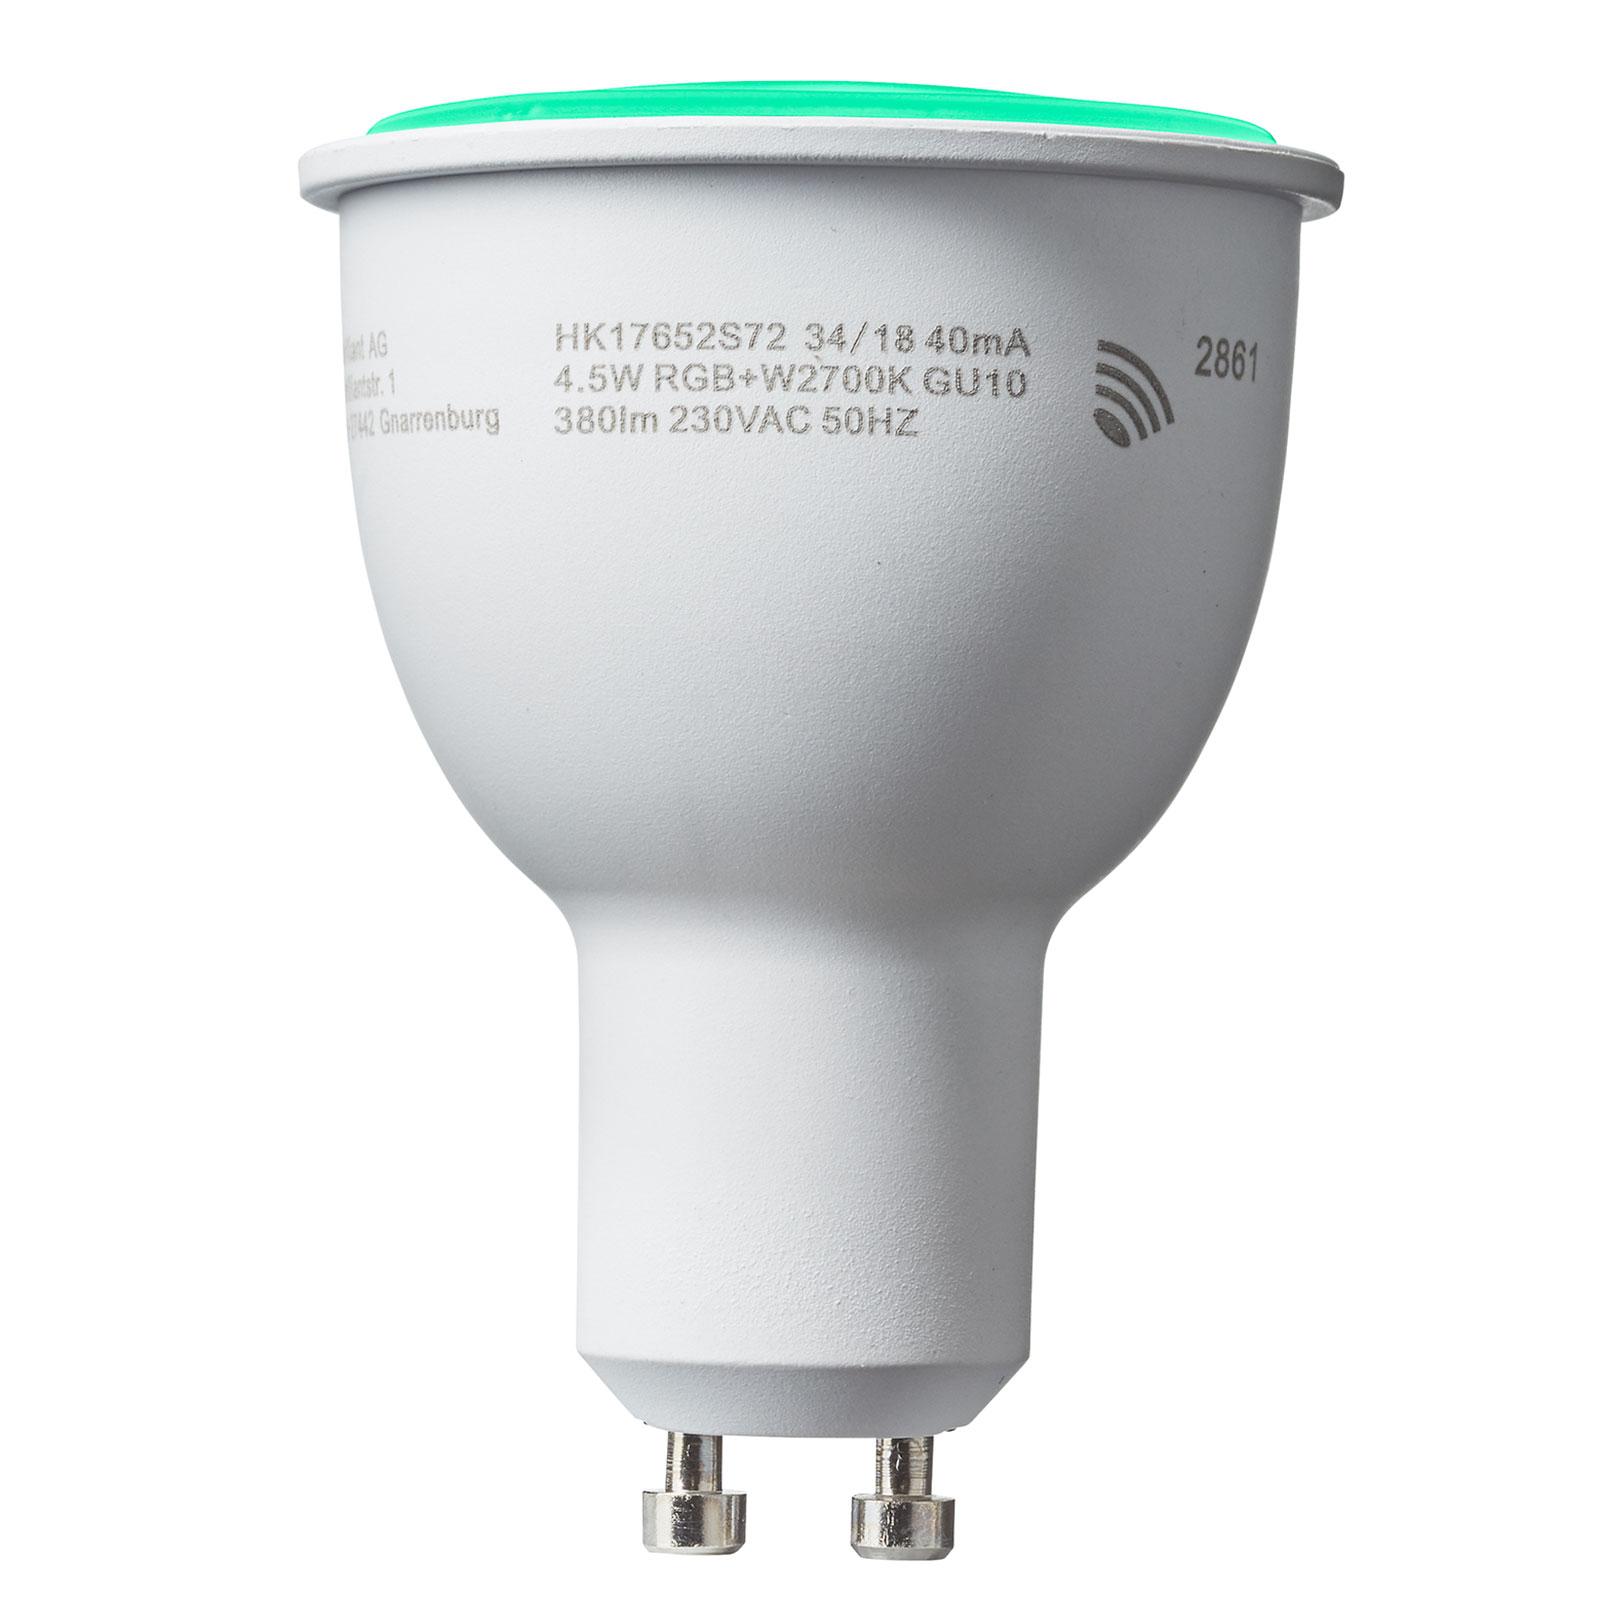 Bombilla reflectora LED GU10 4,5W Smart-Tuya RGBW